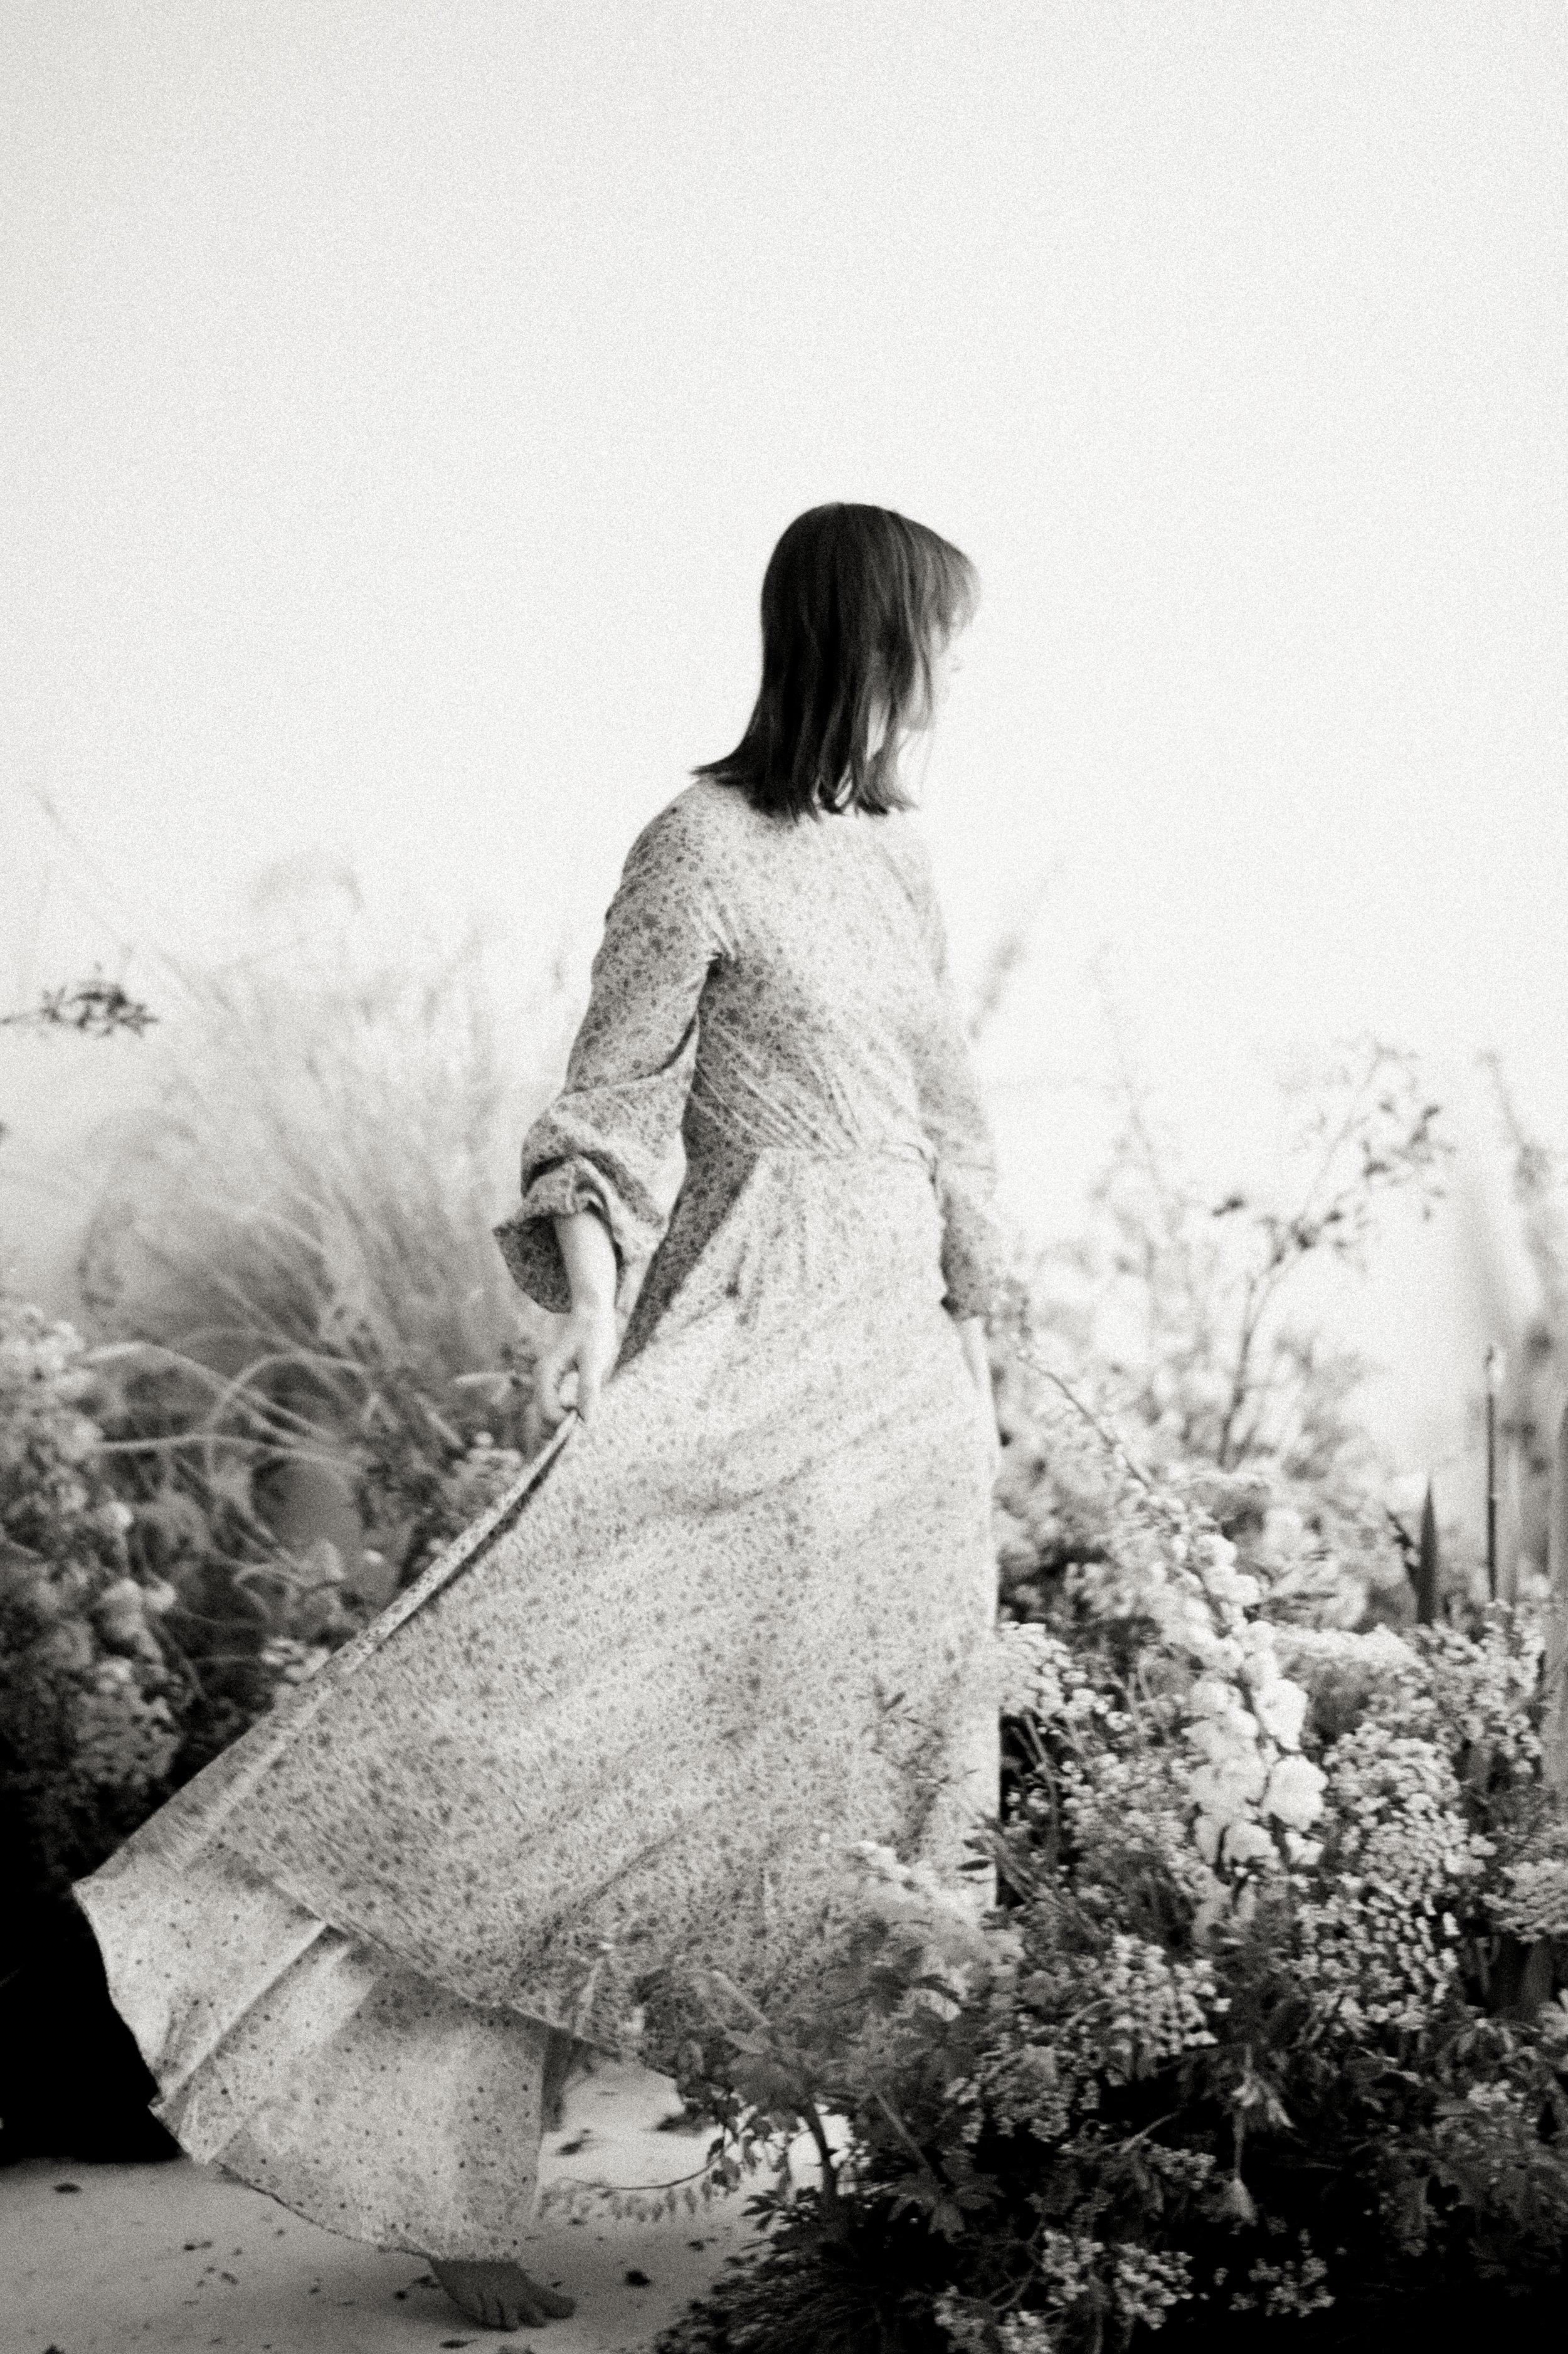 olya_vitulli_loom_bloom-29.jpg